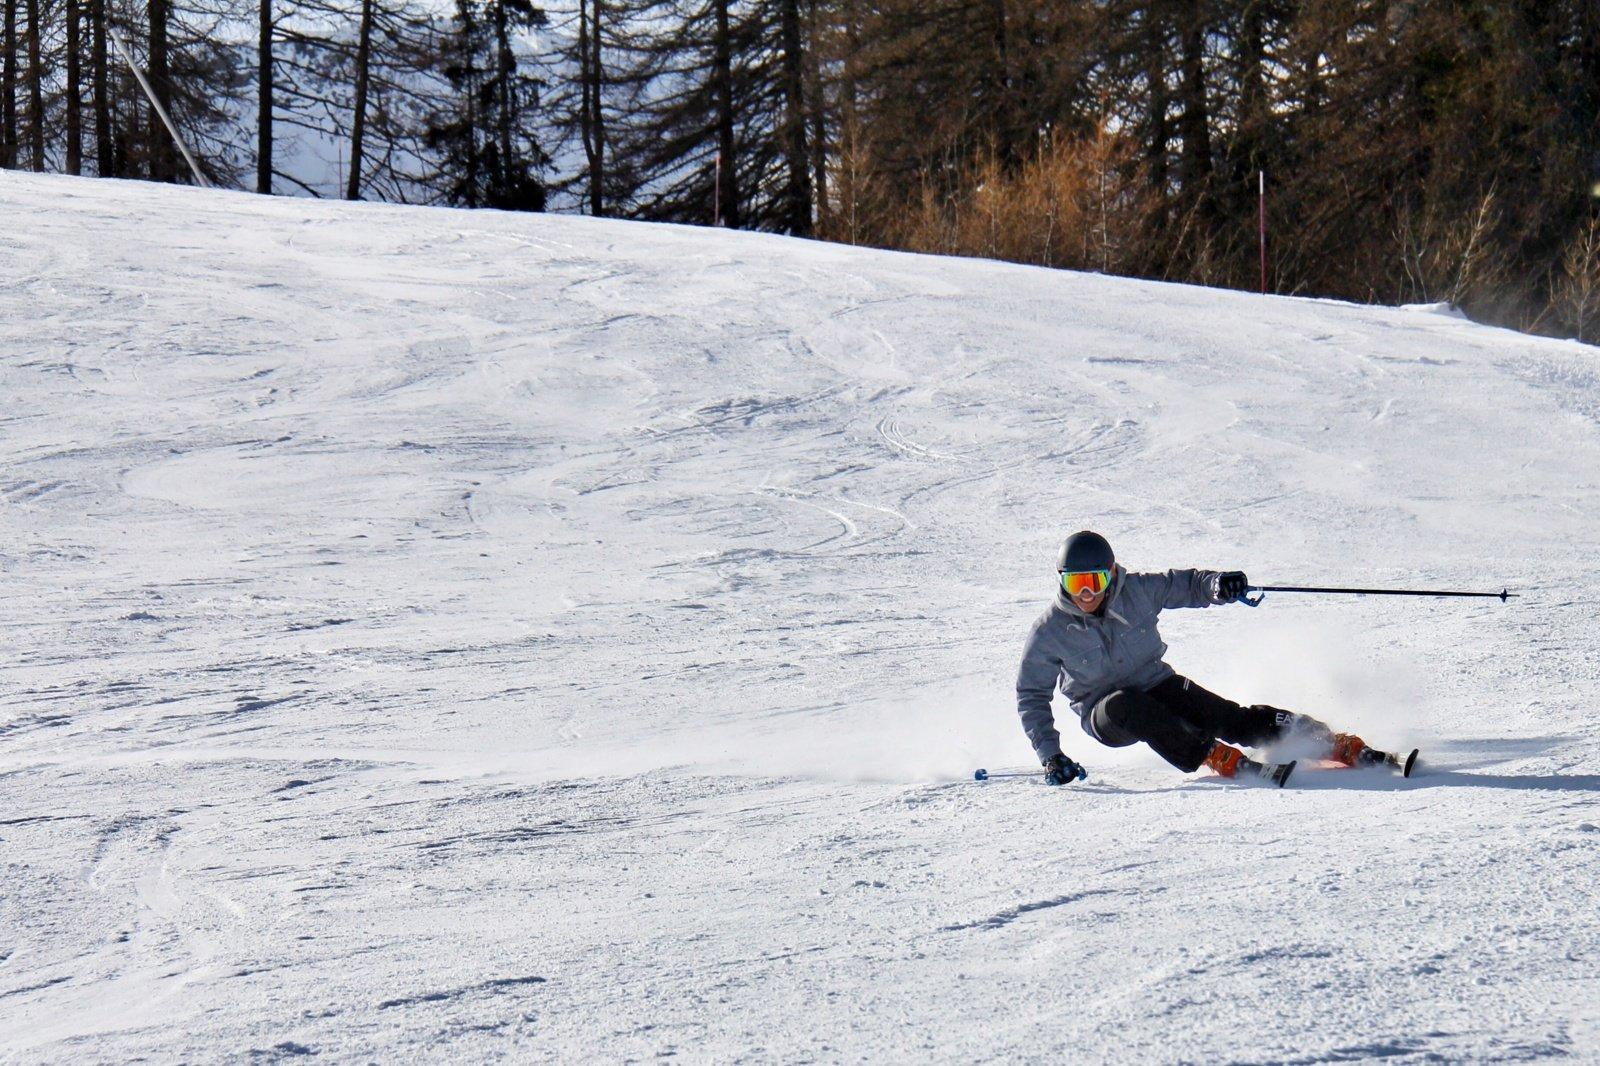 Vokietija sieks, kad slidinėjimo kurortai ES būtų uždaryti iki sausio 10-osios